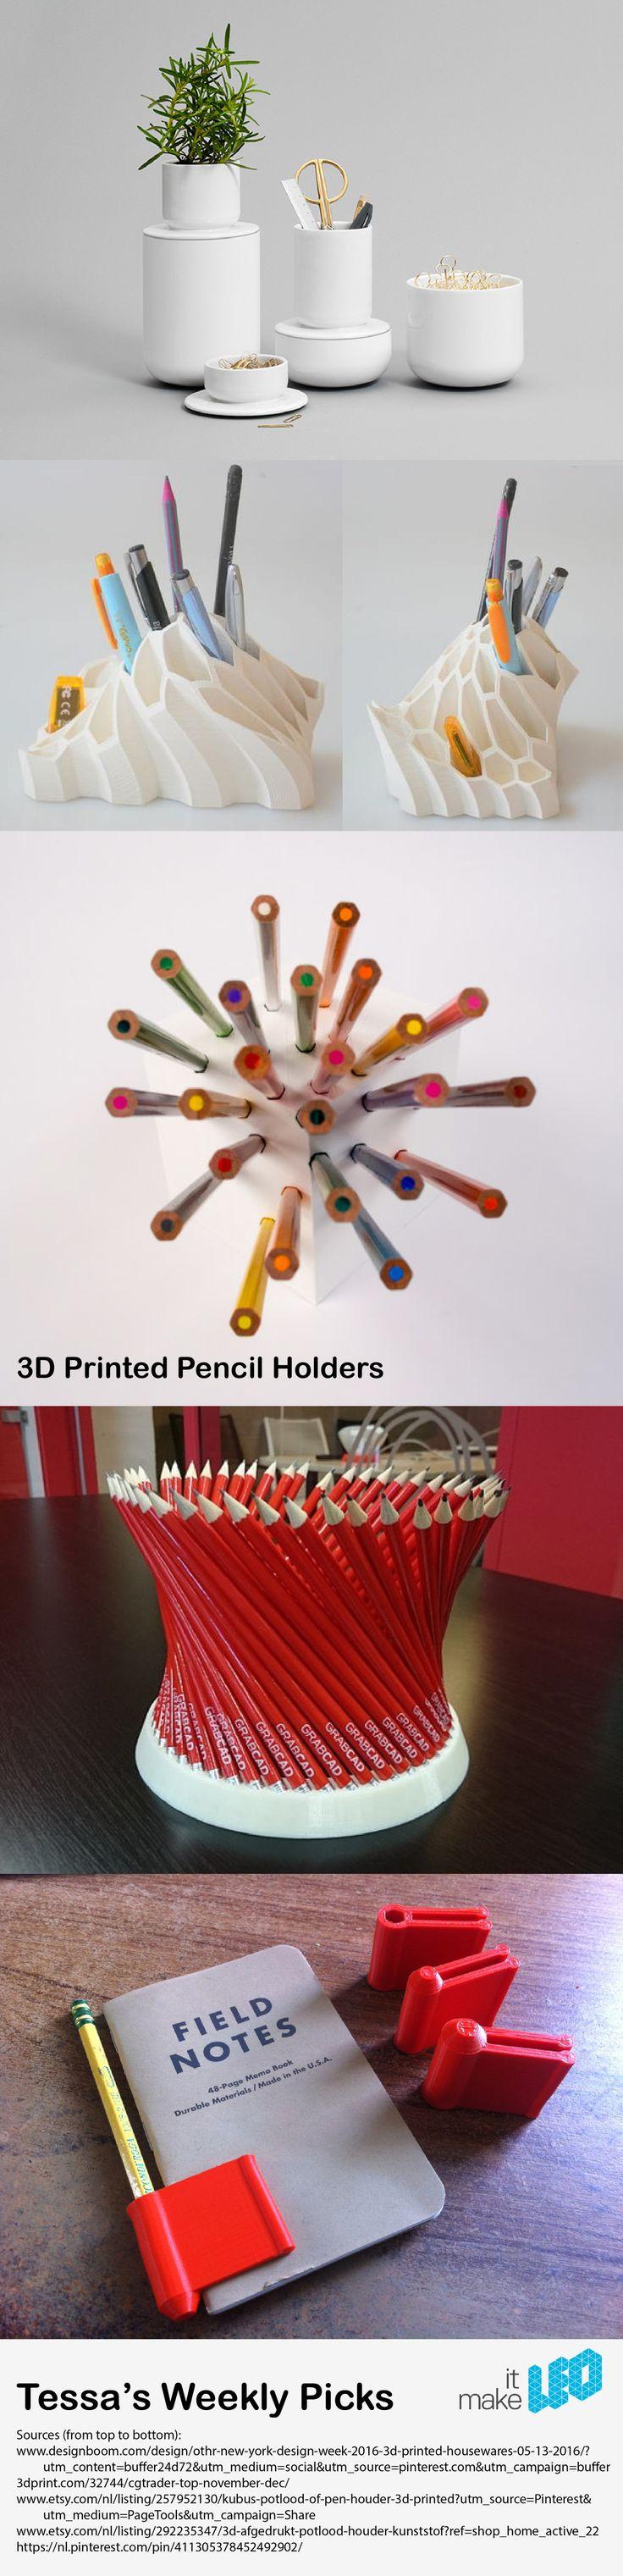 3D Printed Pencil Holders - Tessa's Weekly Picks